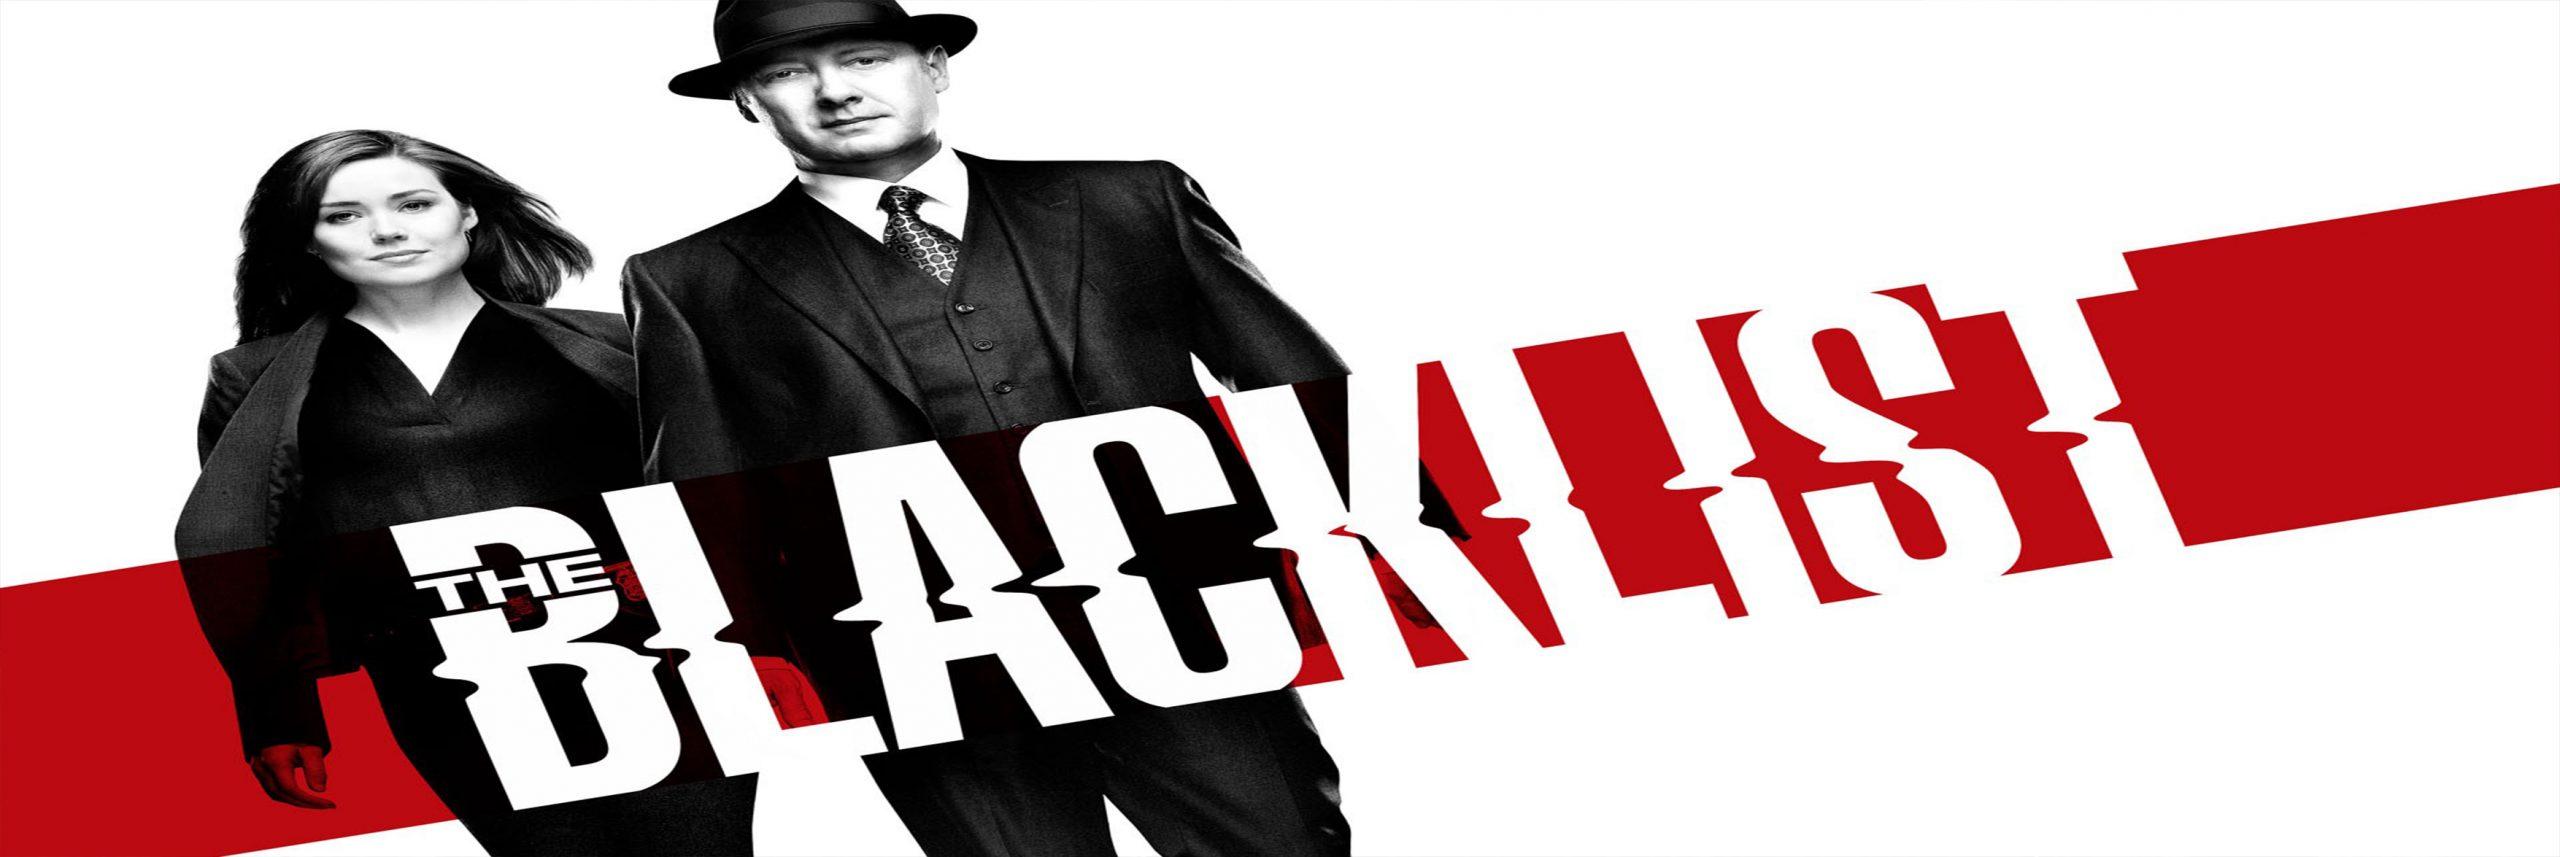 لیست سیاه – The Blacklist